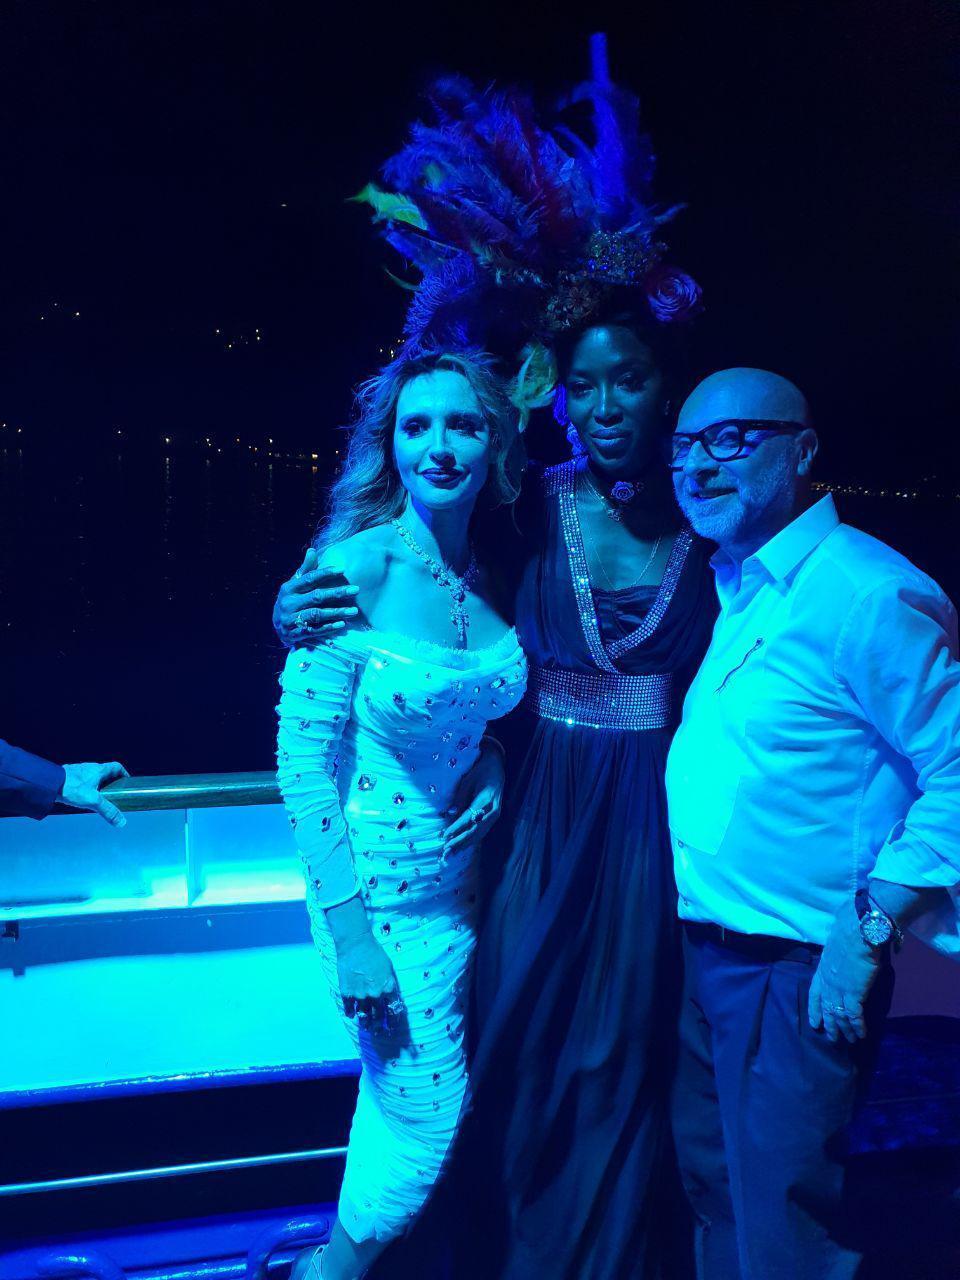 Оксана Марченко, Наоми Кемпбелл и Дольче Габбана на закрытой вечеринке в итальянском Комо